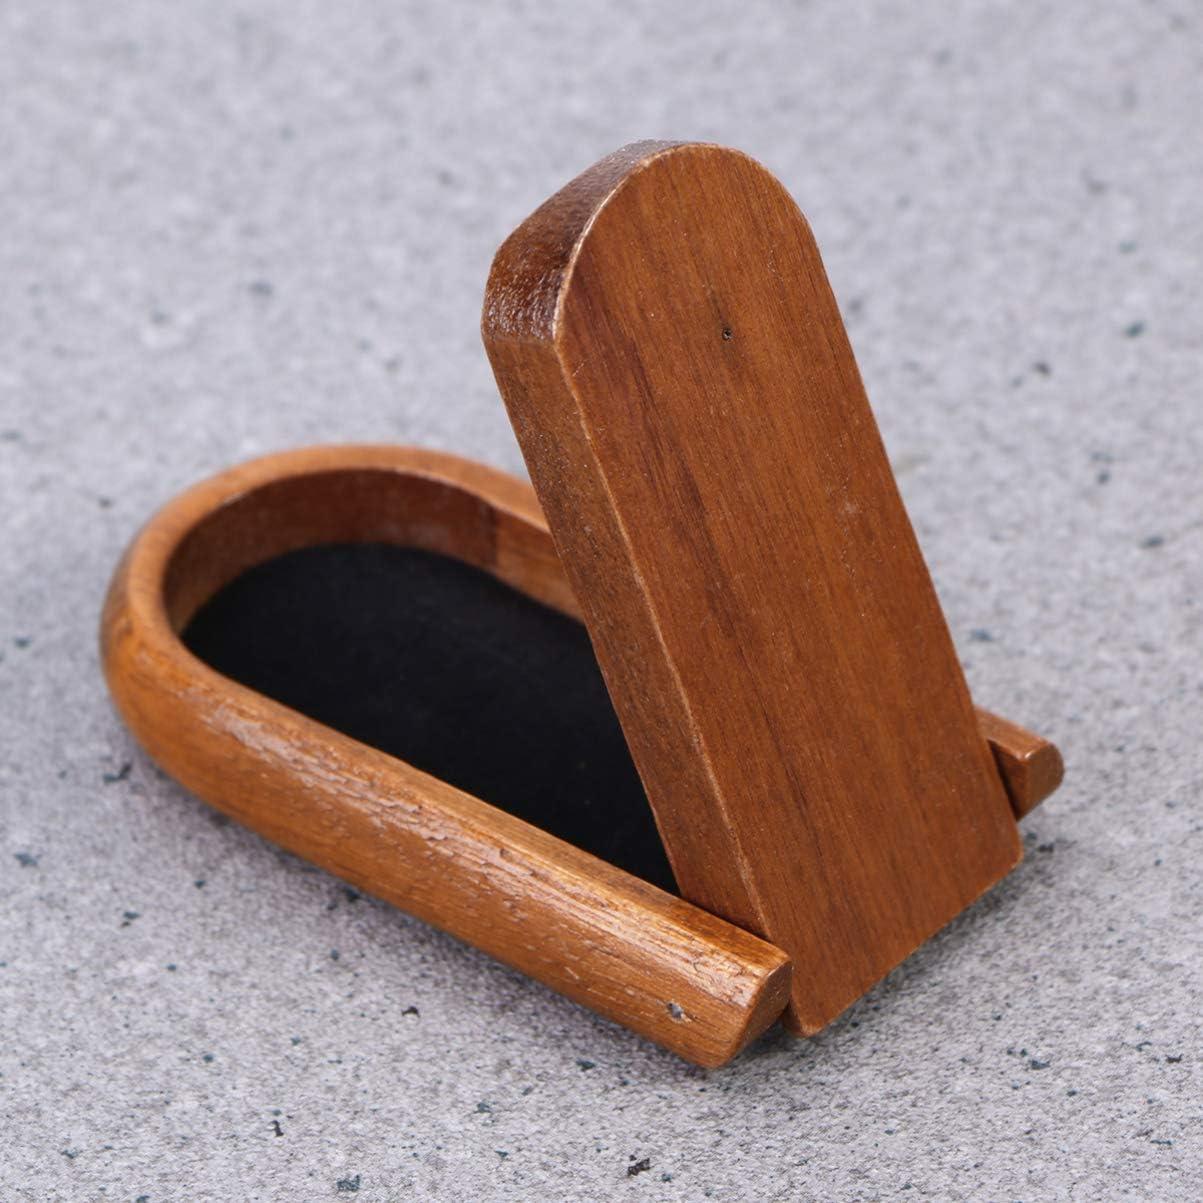 Garneck Soporte de Pipa de Madera Soporte de Pipa de Tabaco Soporte de Pipa de Madera Plegable Accesorios de Pipa de Fumar Pipa para Fumar Pipa de Tabaco de Madera